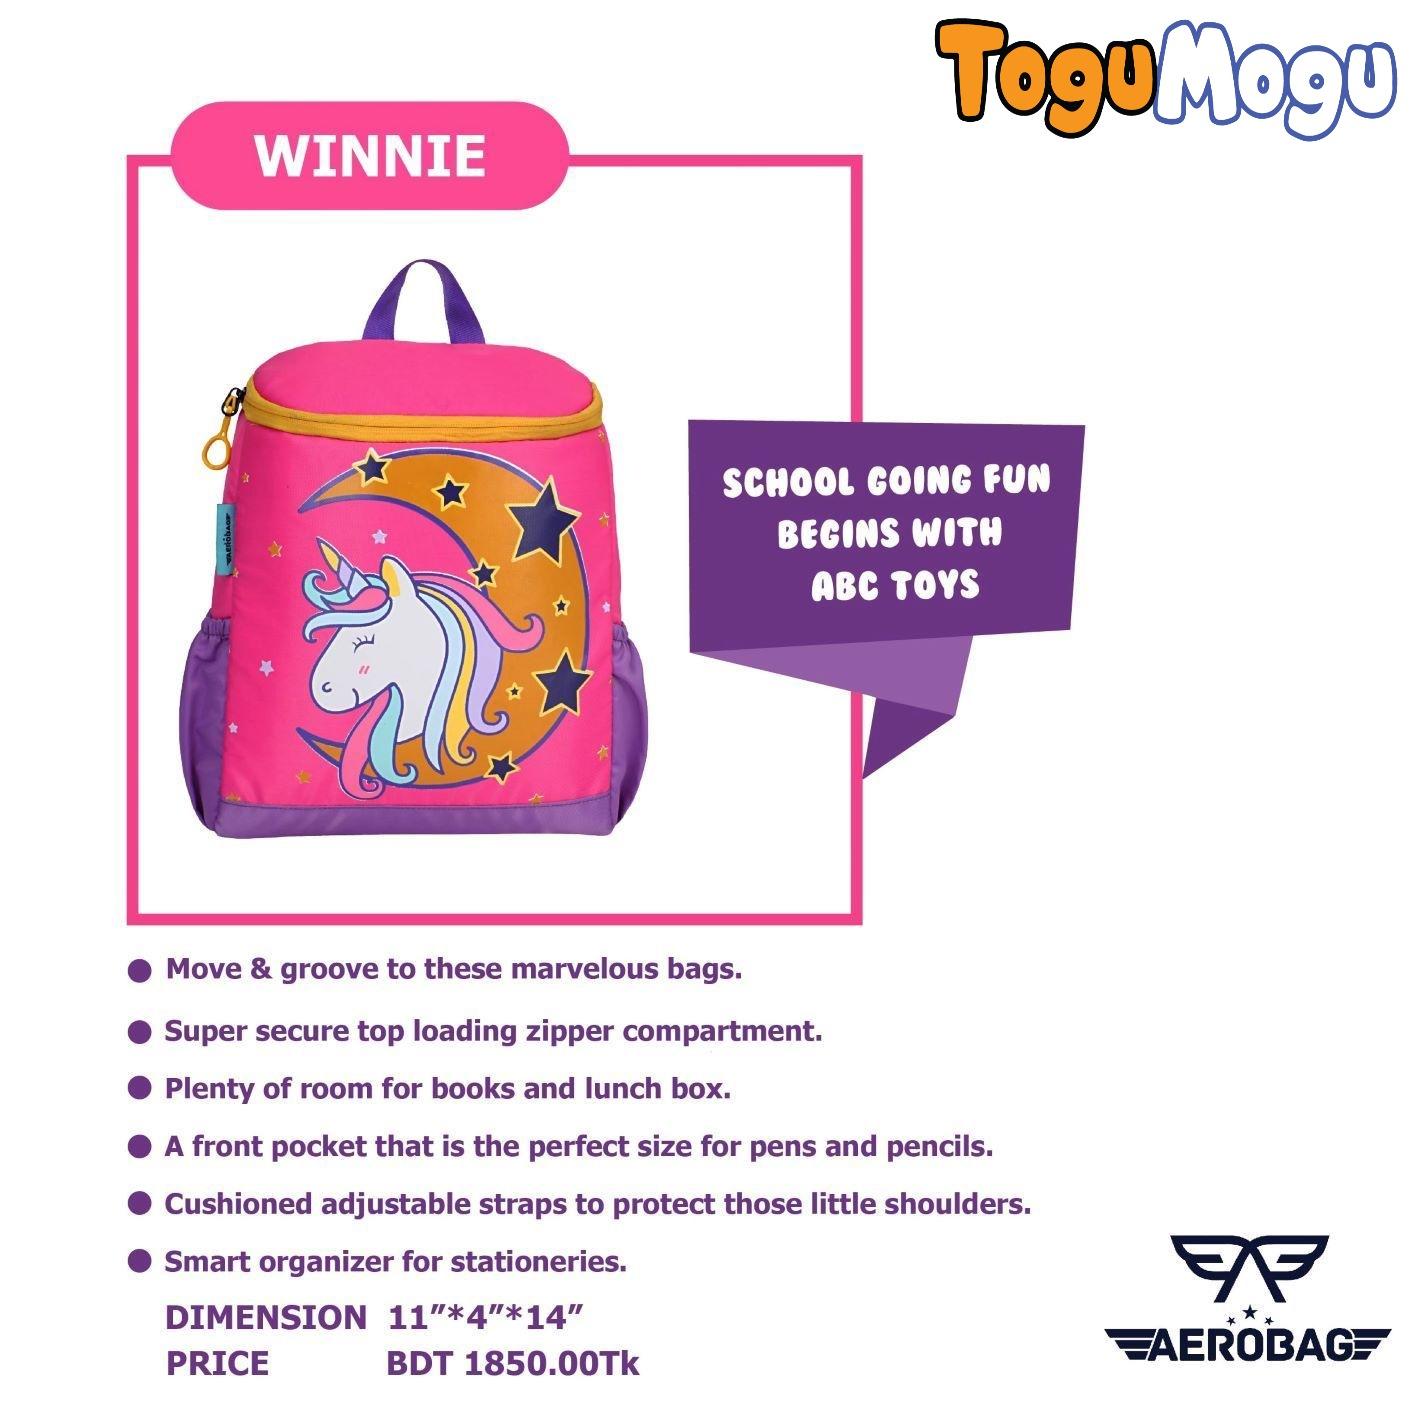 AEROBAG AER015 Winnie Unicorn